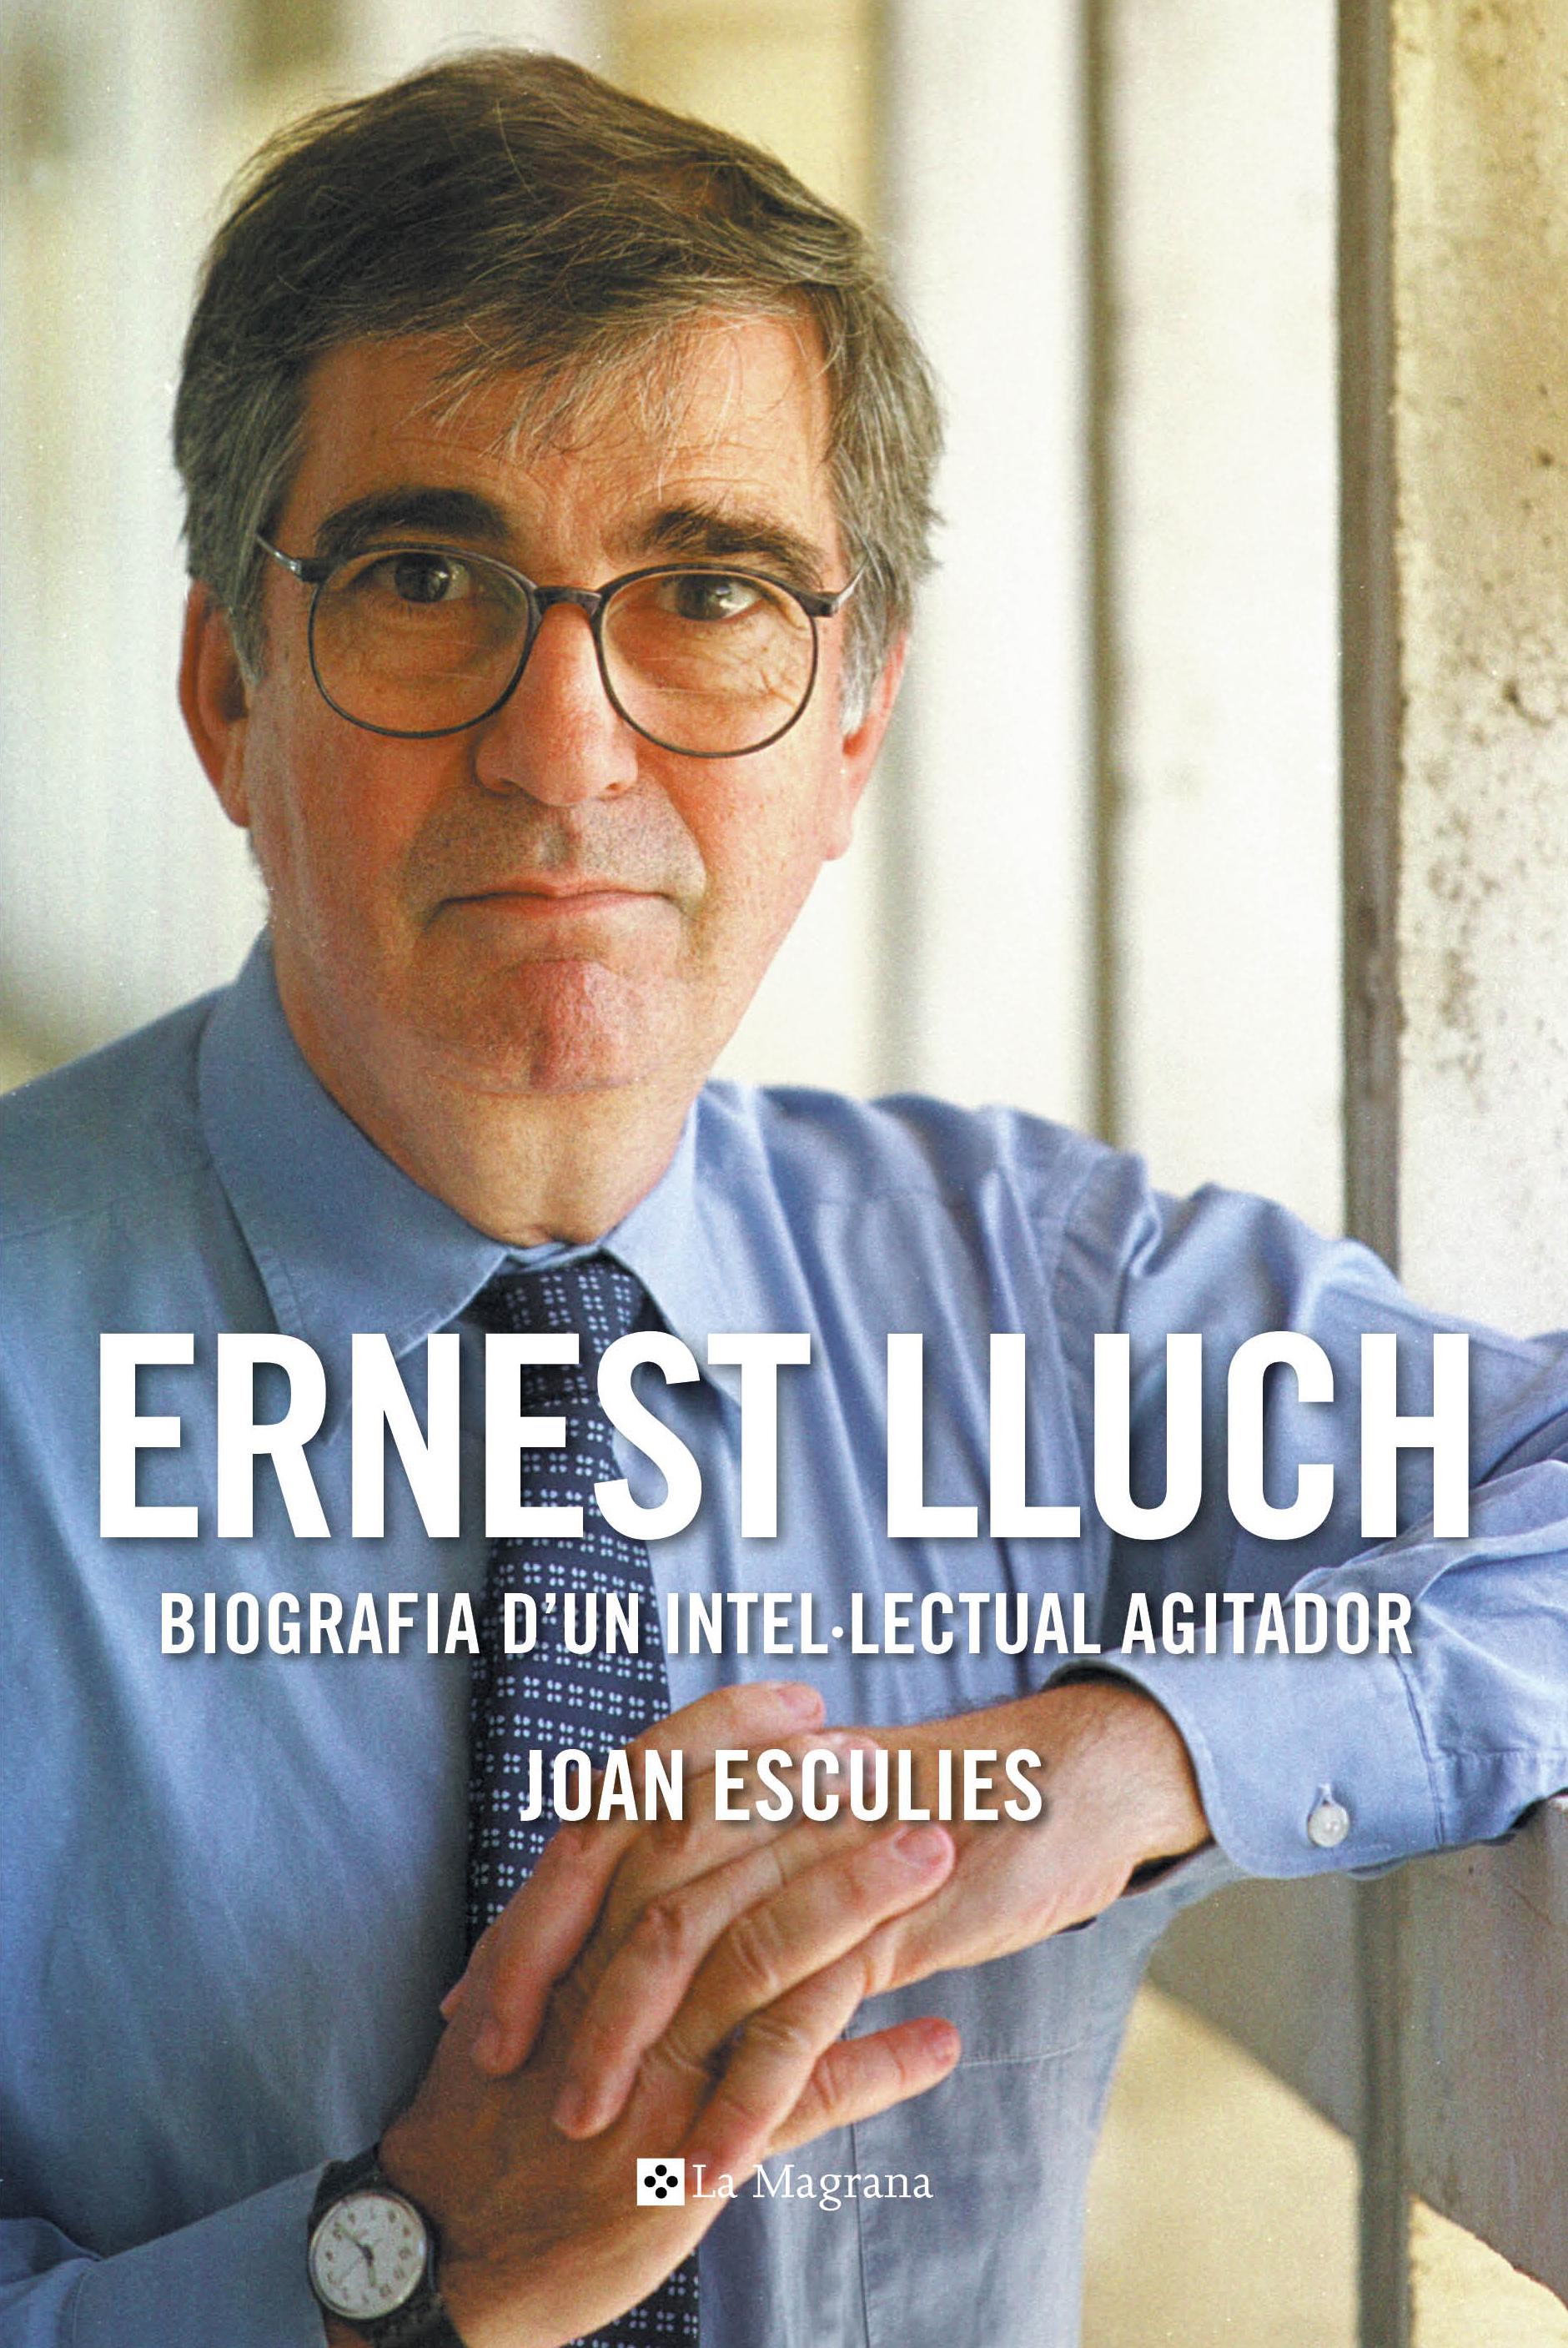 La portada del llibre de Joan Esculies